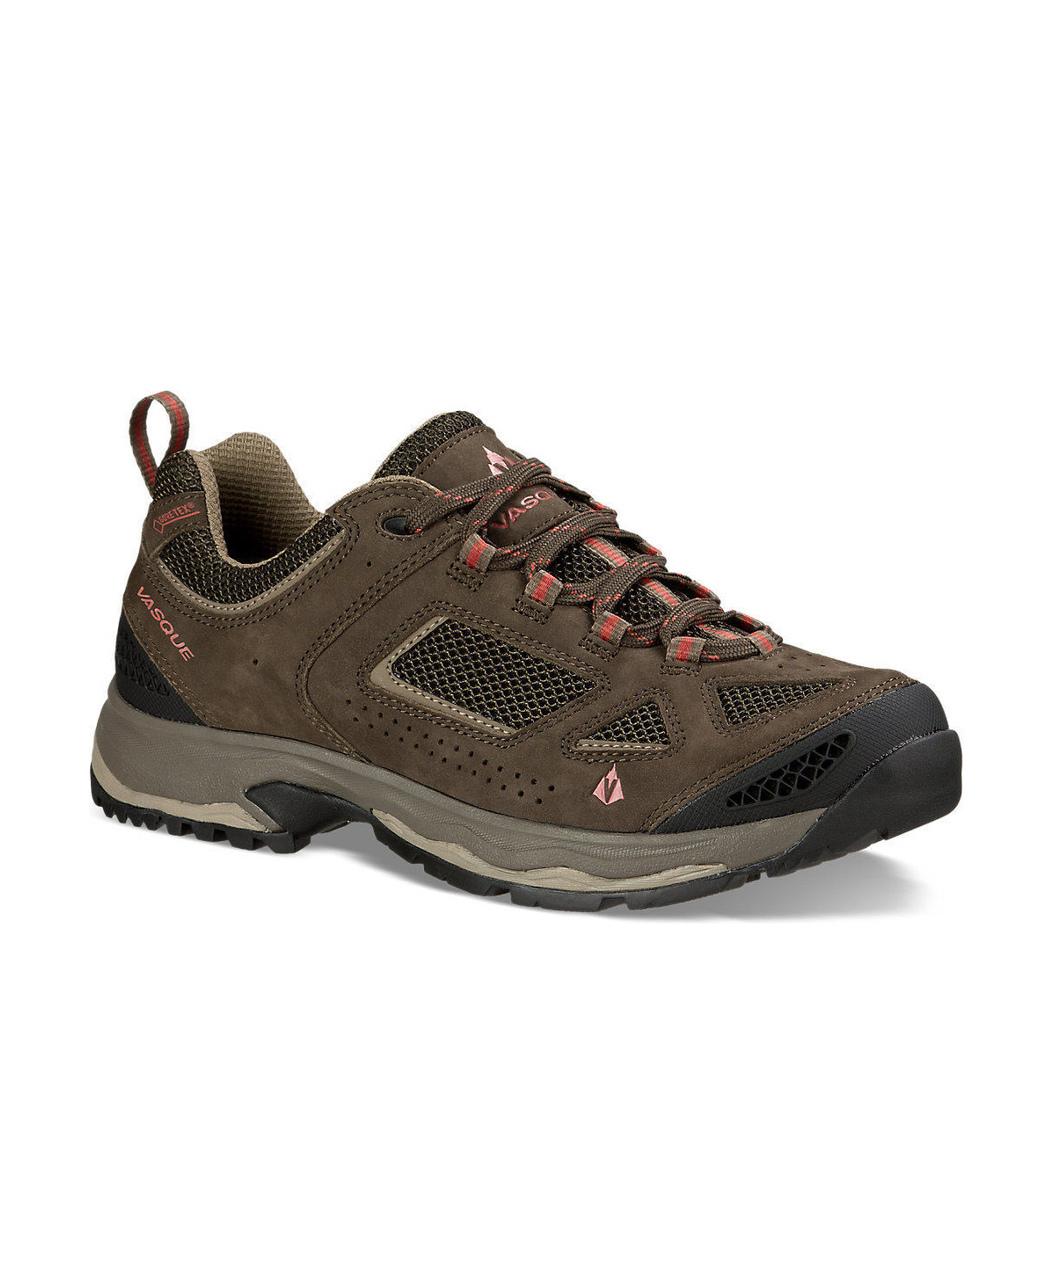 Best Low Trail Shoes Men